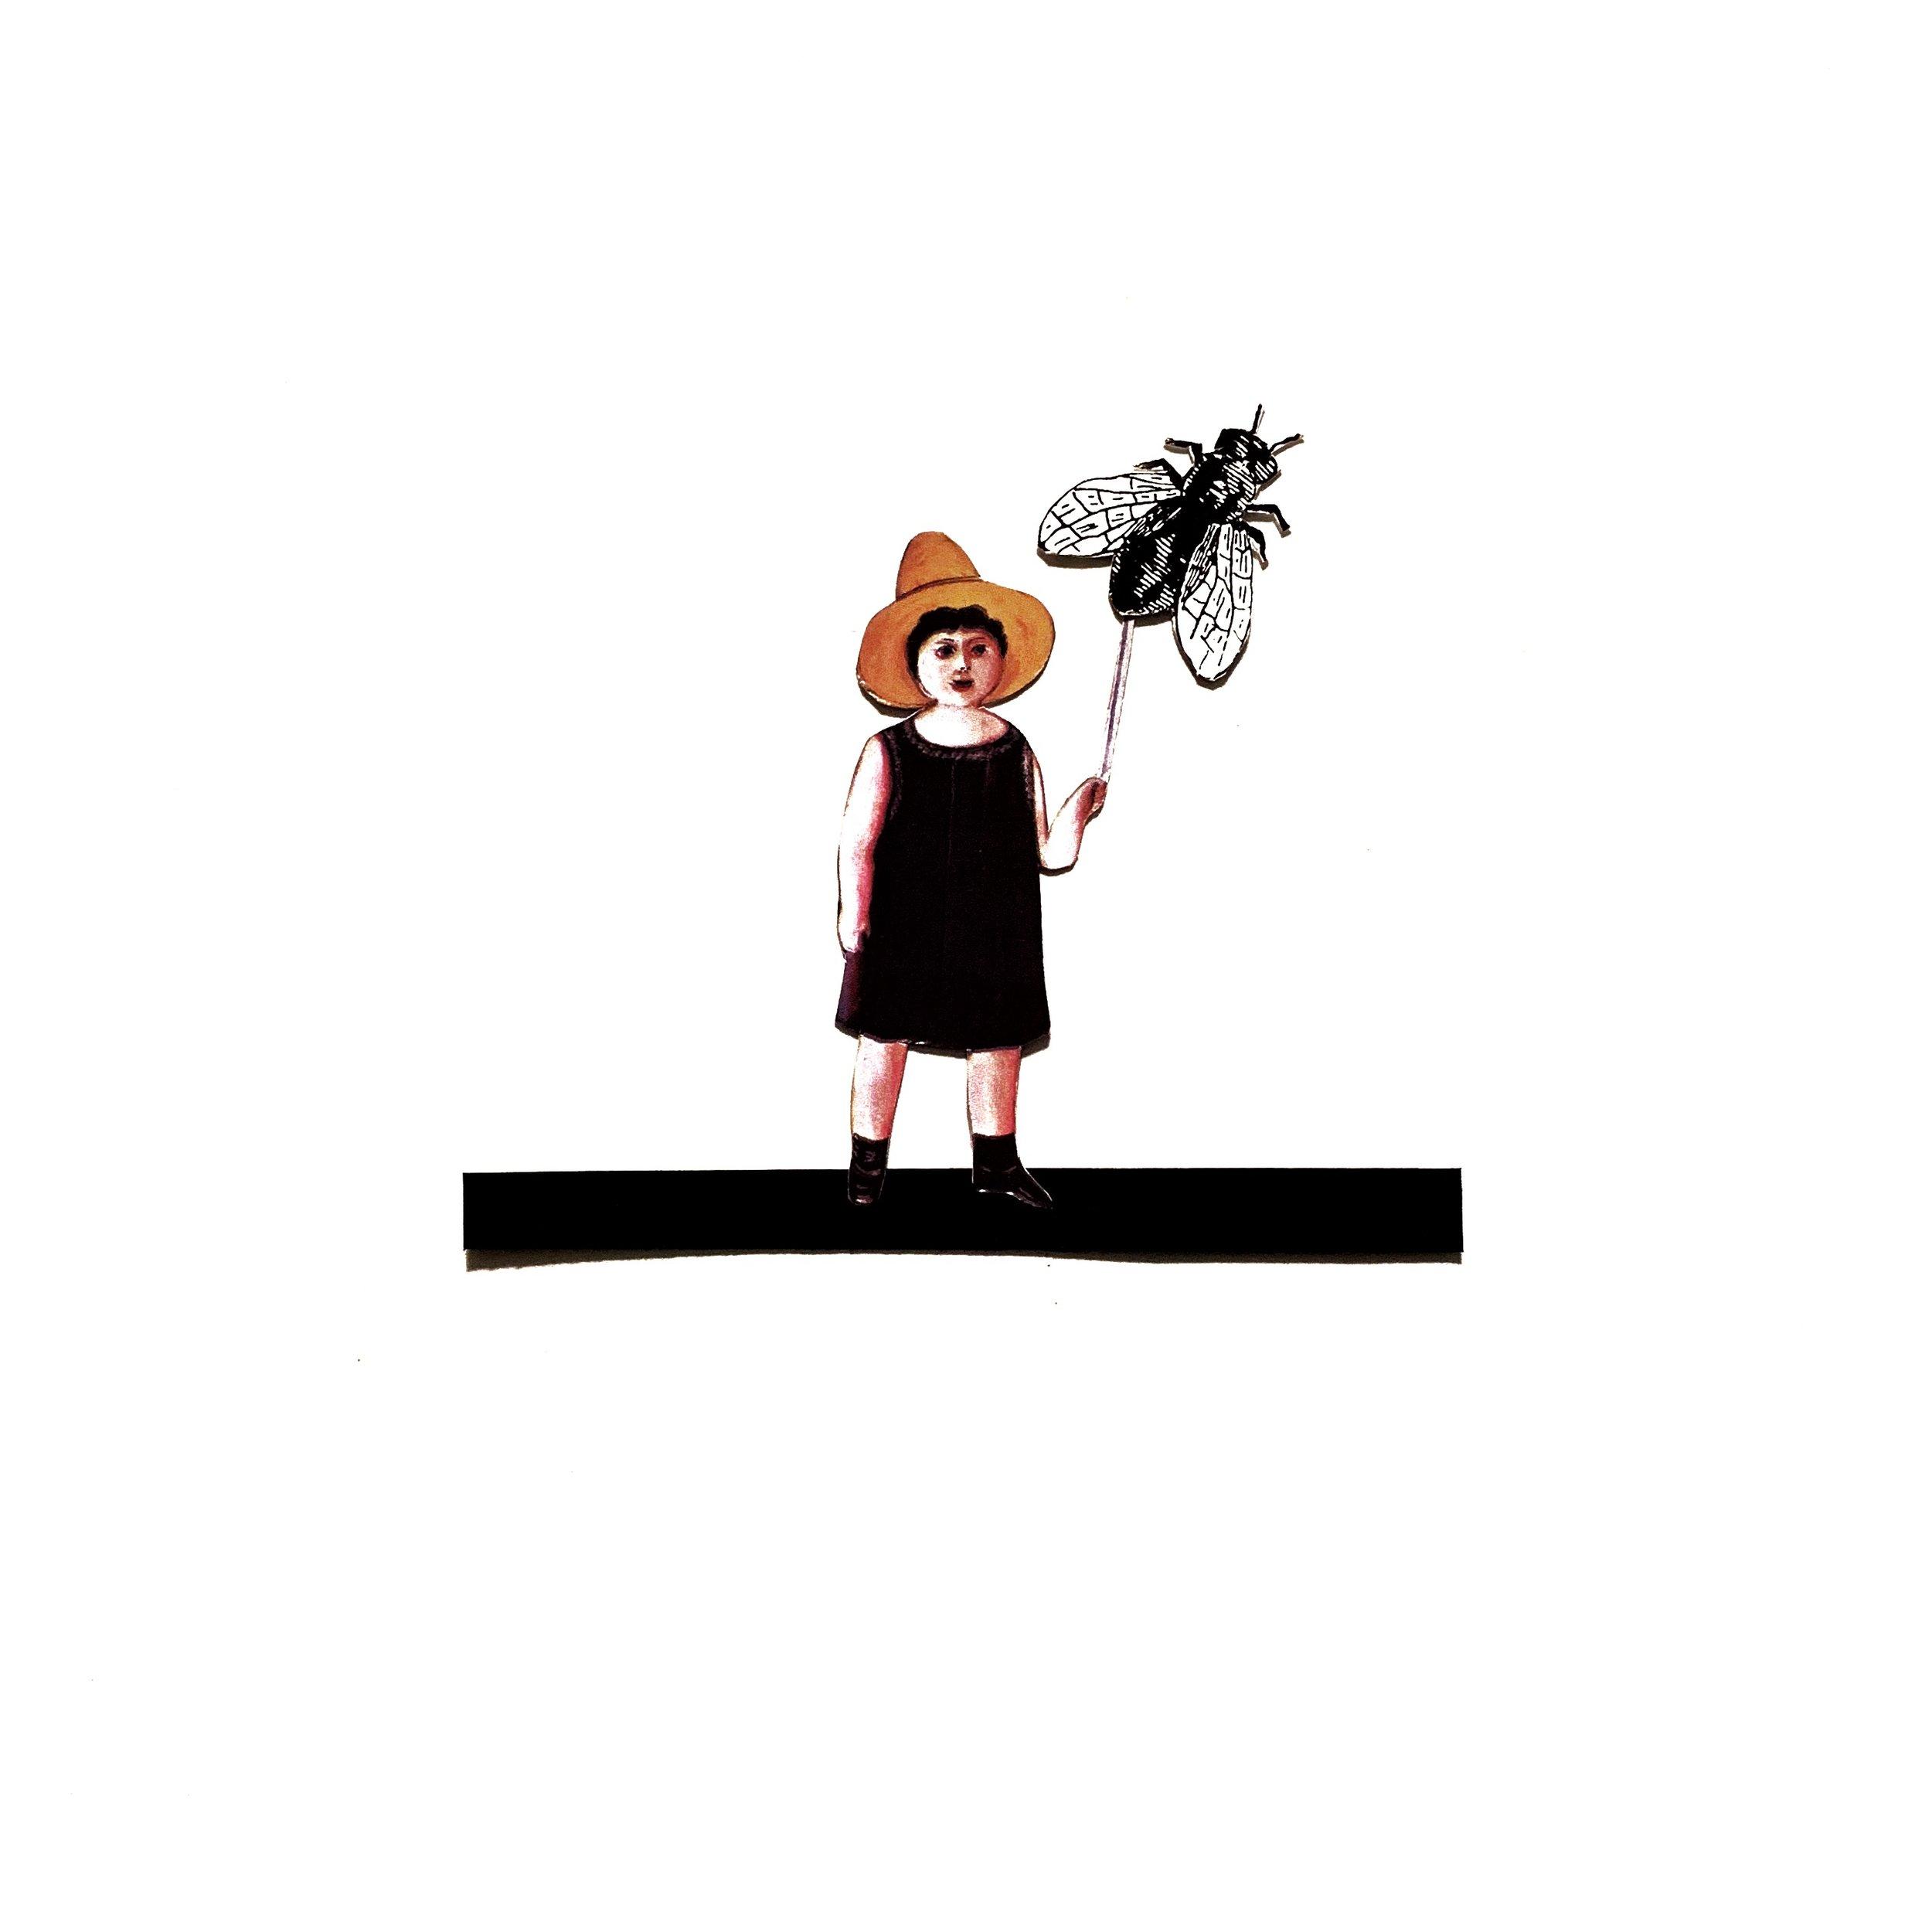 kimberly-the-fly-swatter_33613731098_o.jpg